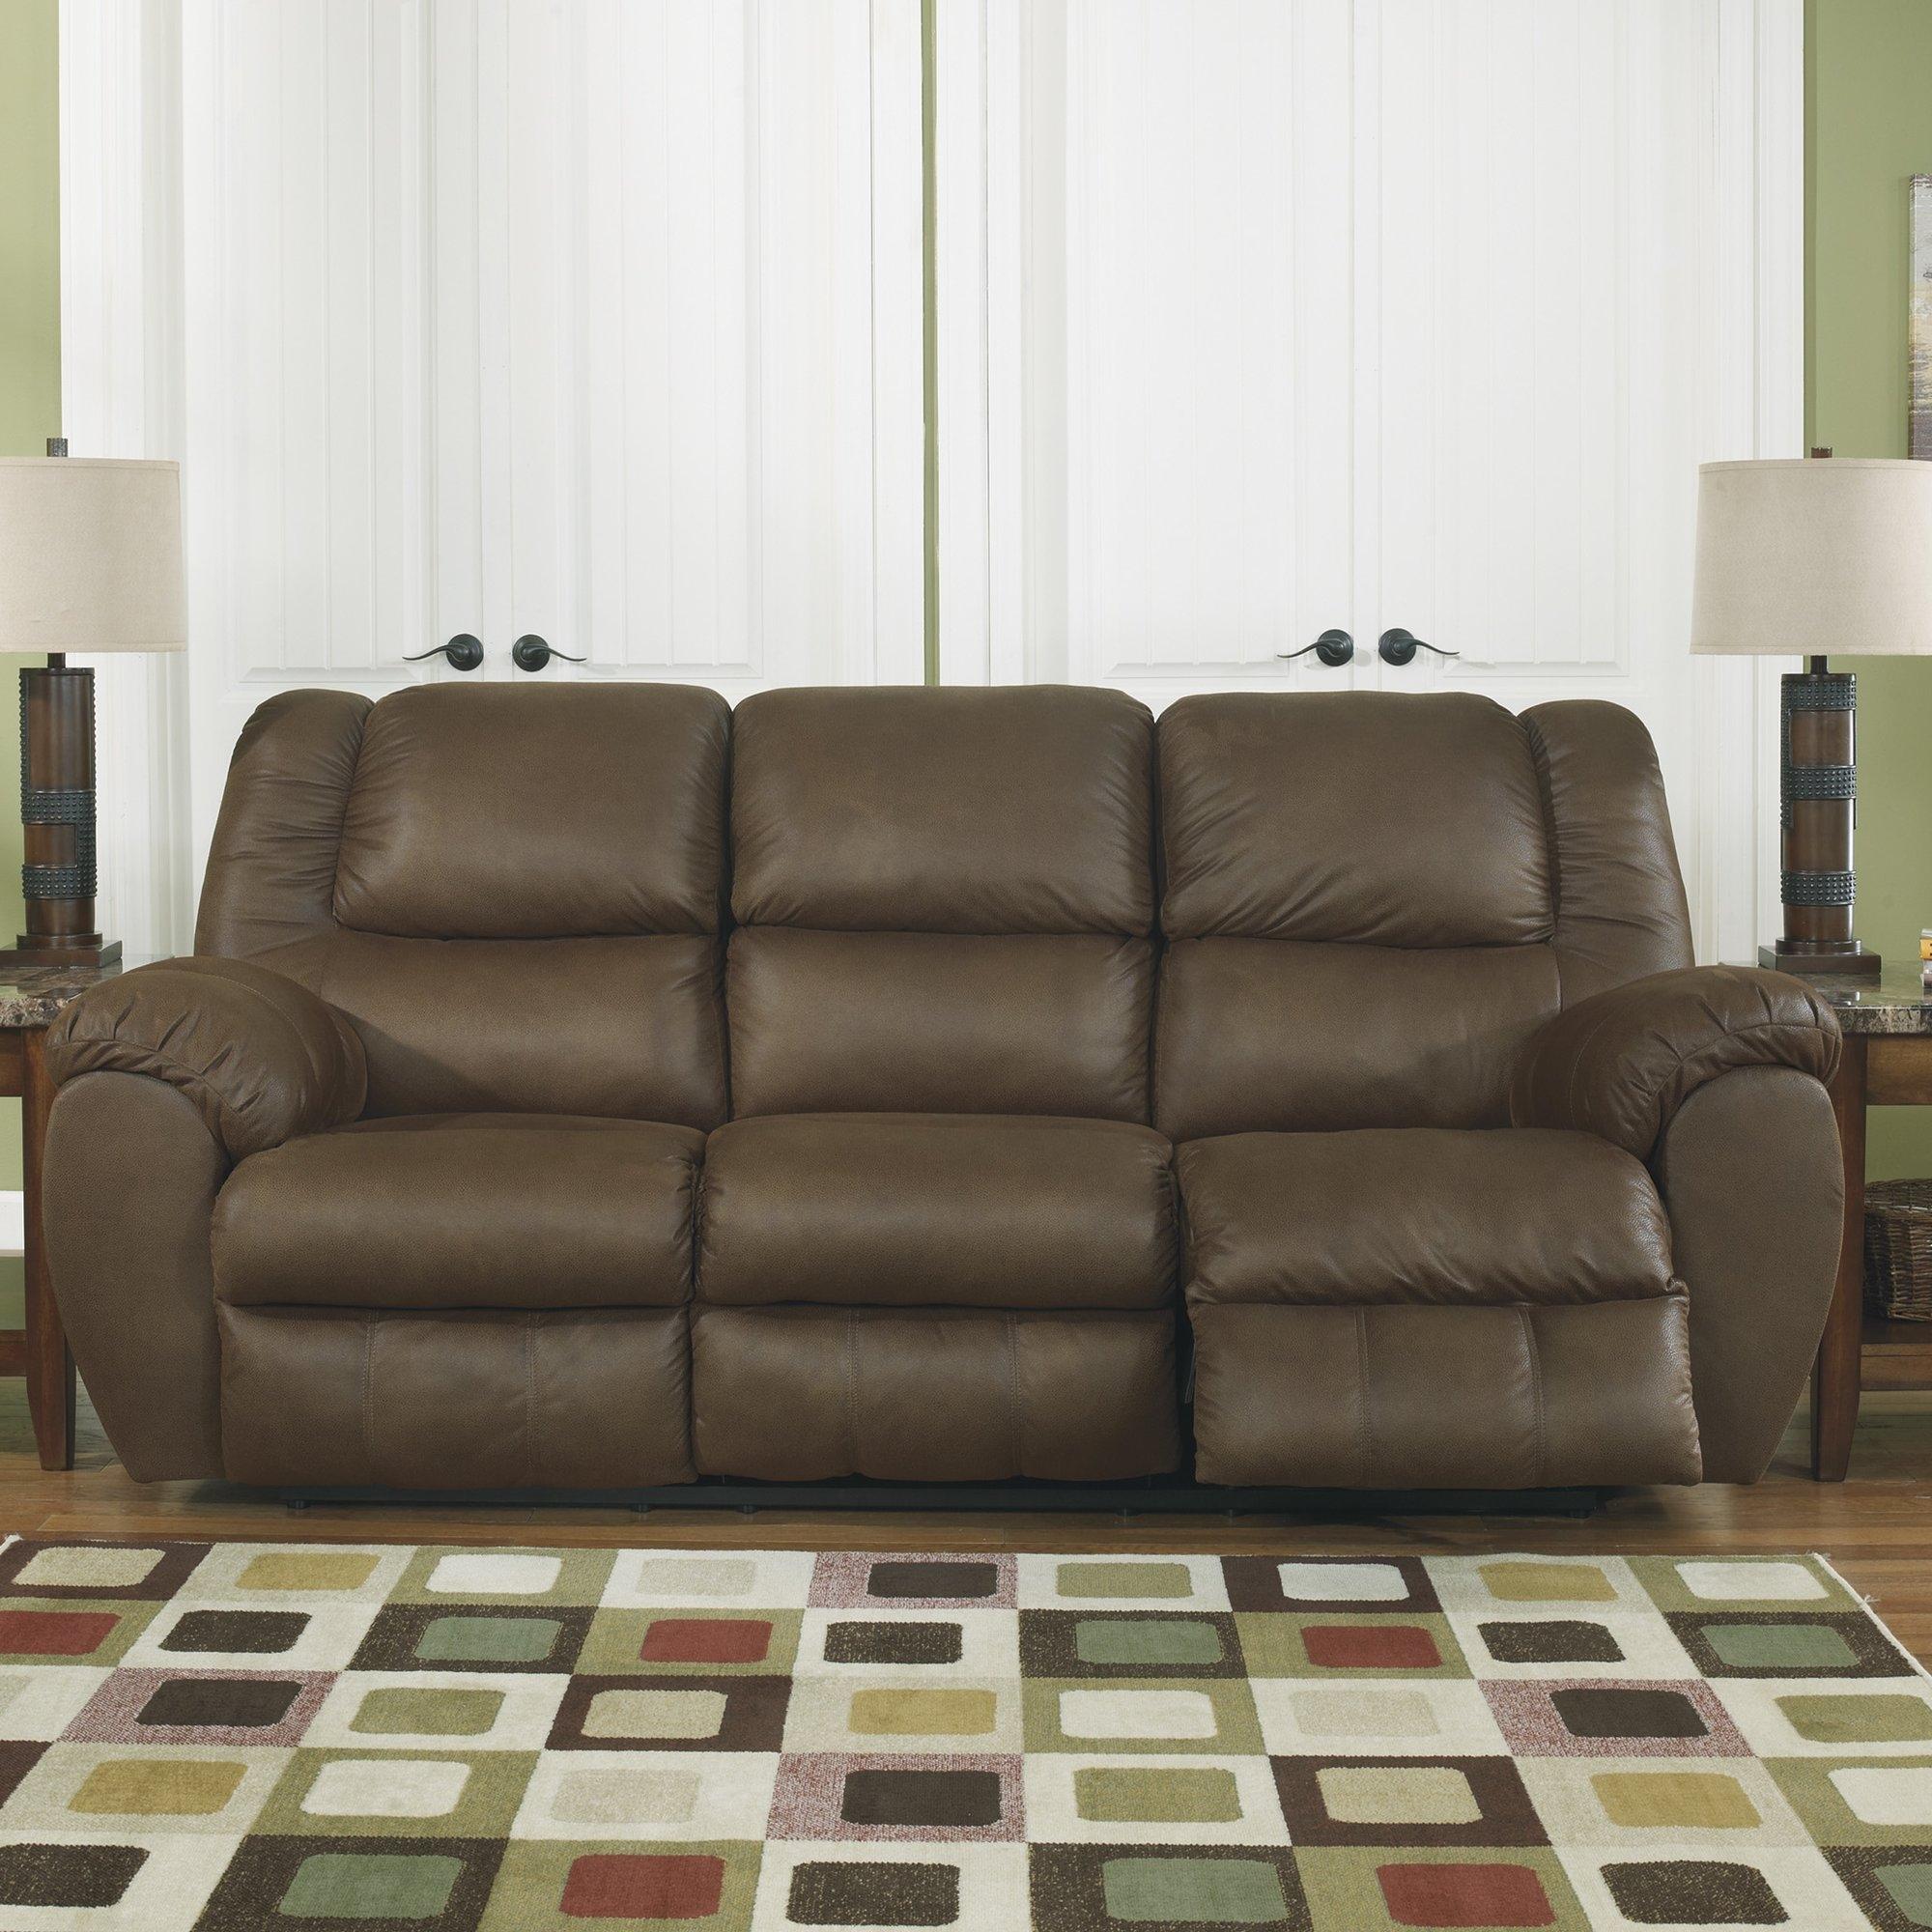 Signature Design Ashley Weatherly Reclining Sofa Reviews Regarding Ashley Tufted Sofa (Image 15 of 15)